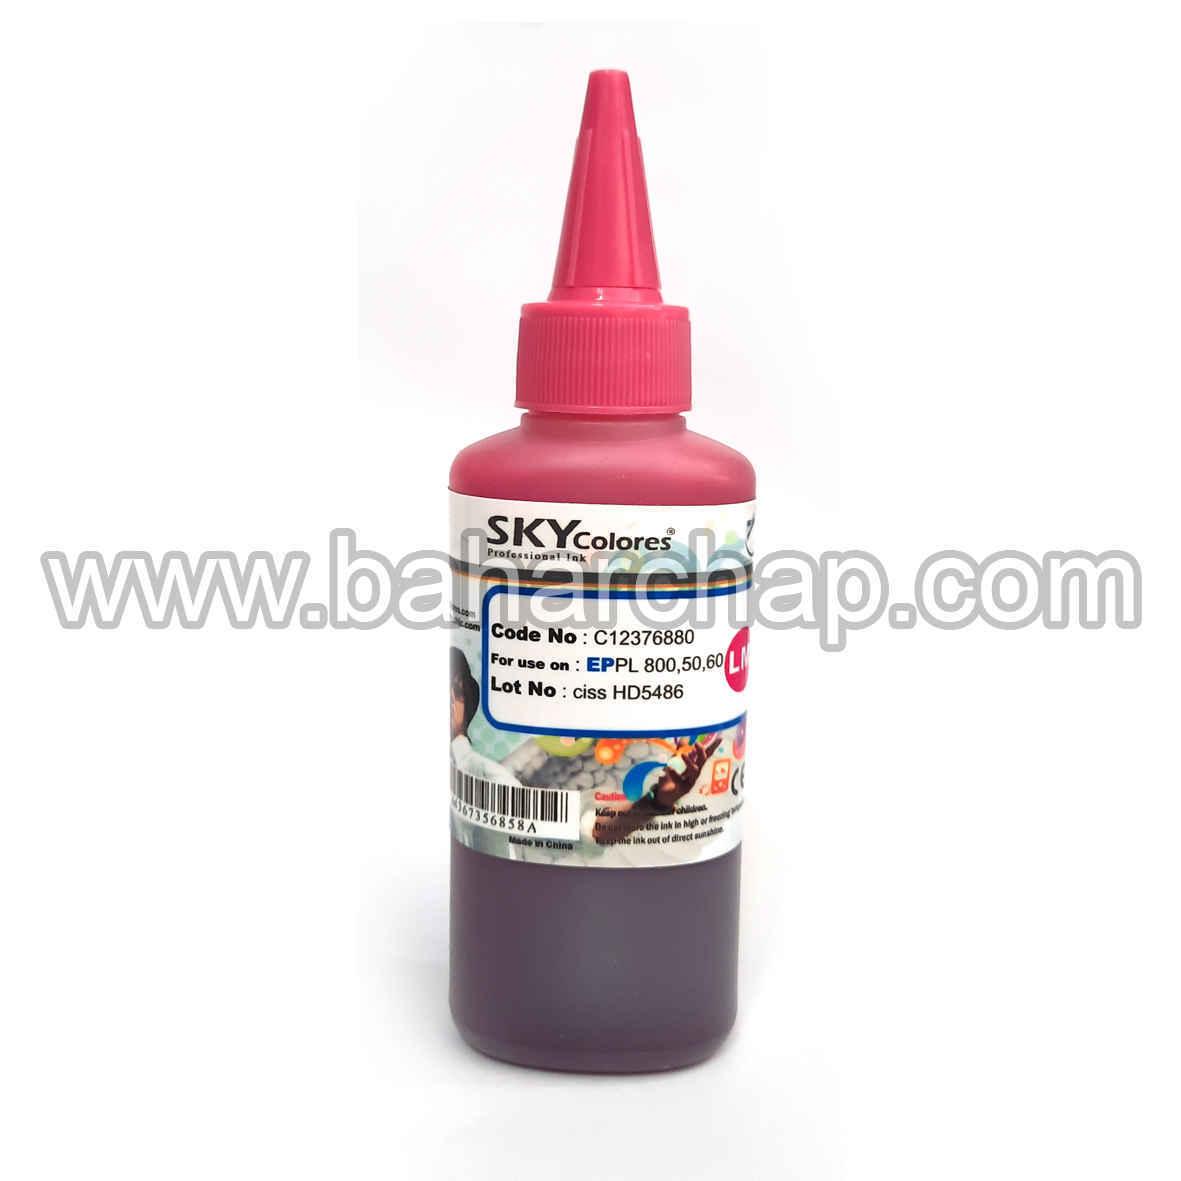 فروشگاه و خدمات اینترنتی بهارچاپ اصفهان-جوهر اسکای100cc اپسون (قرمز کم رنگ)-SKY INK FOR EPSON 100cc (LM)